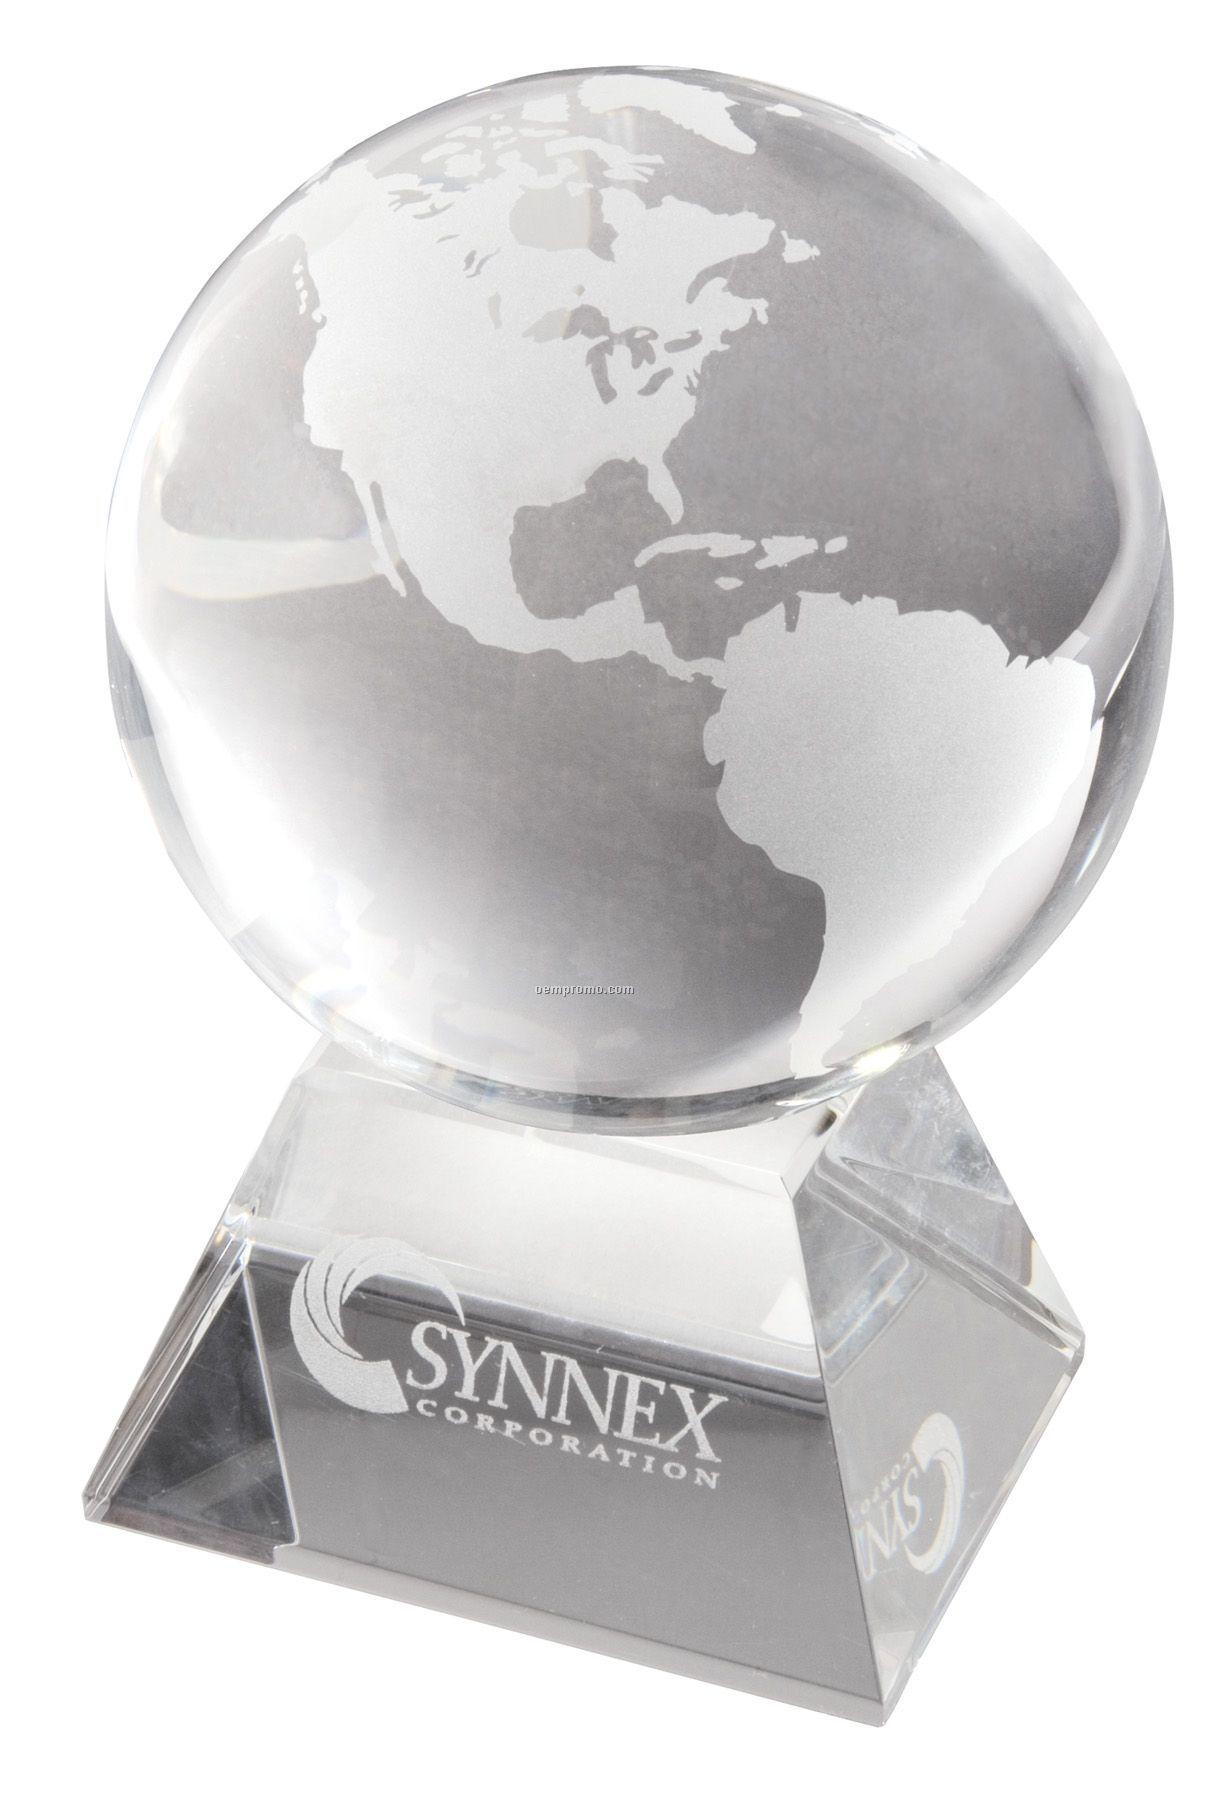 Global Peak Award